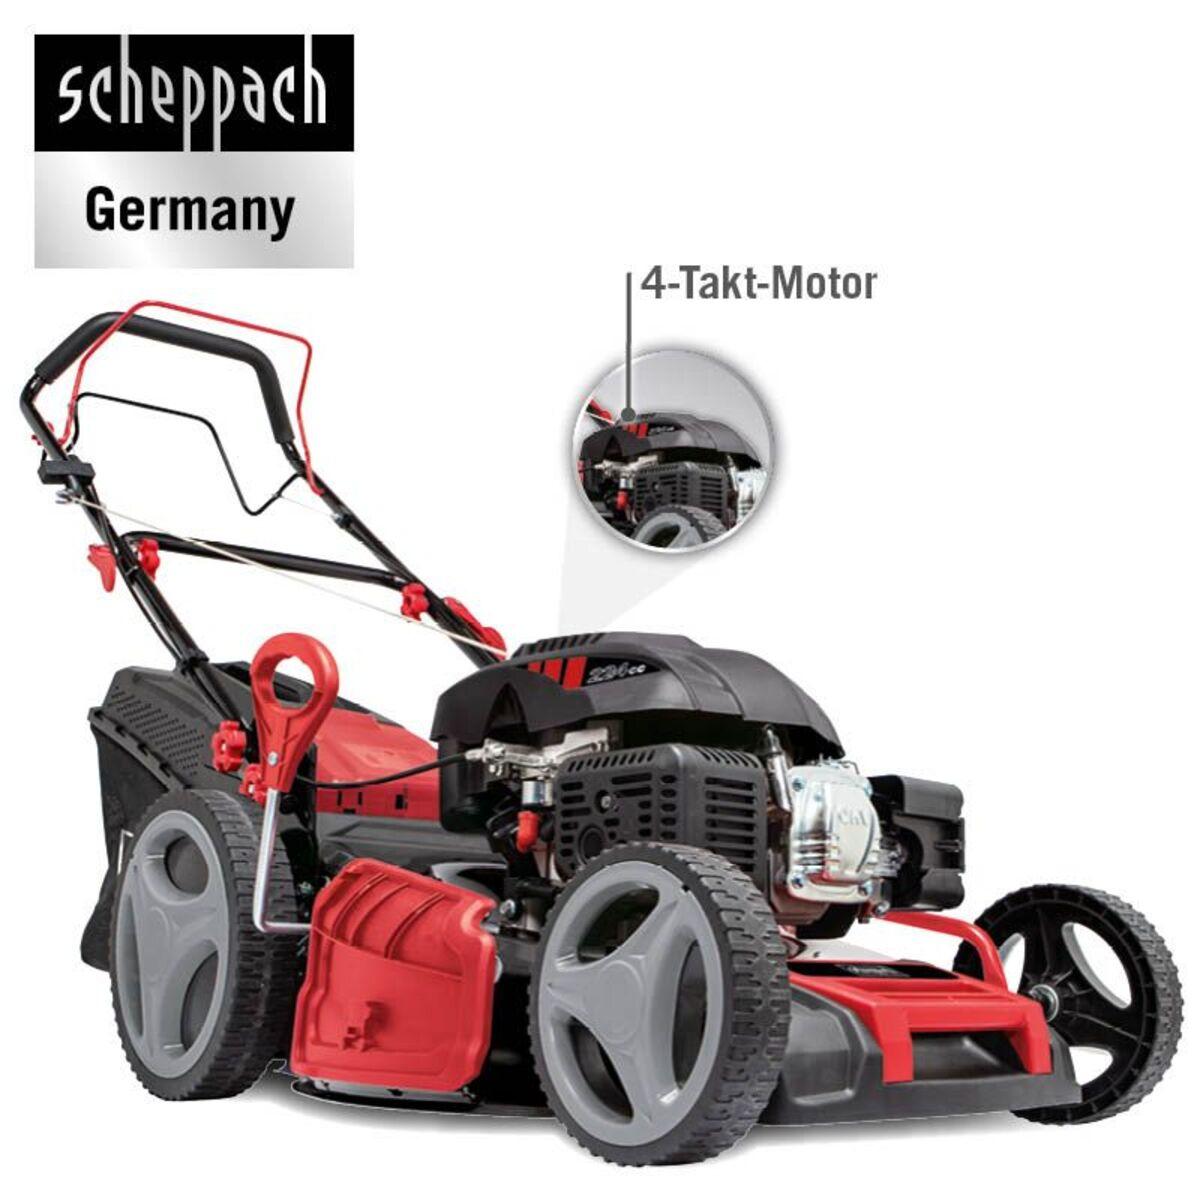 Bild 2 von Scheppach Benzin-Rasenmäher MS226-53